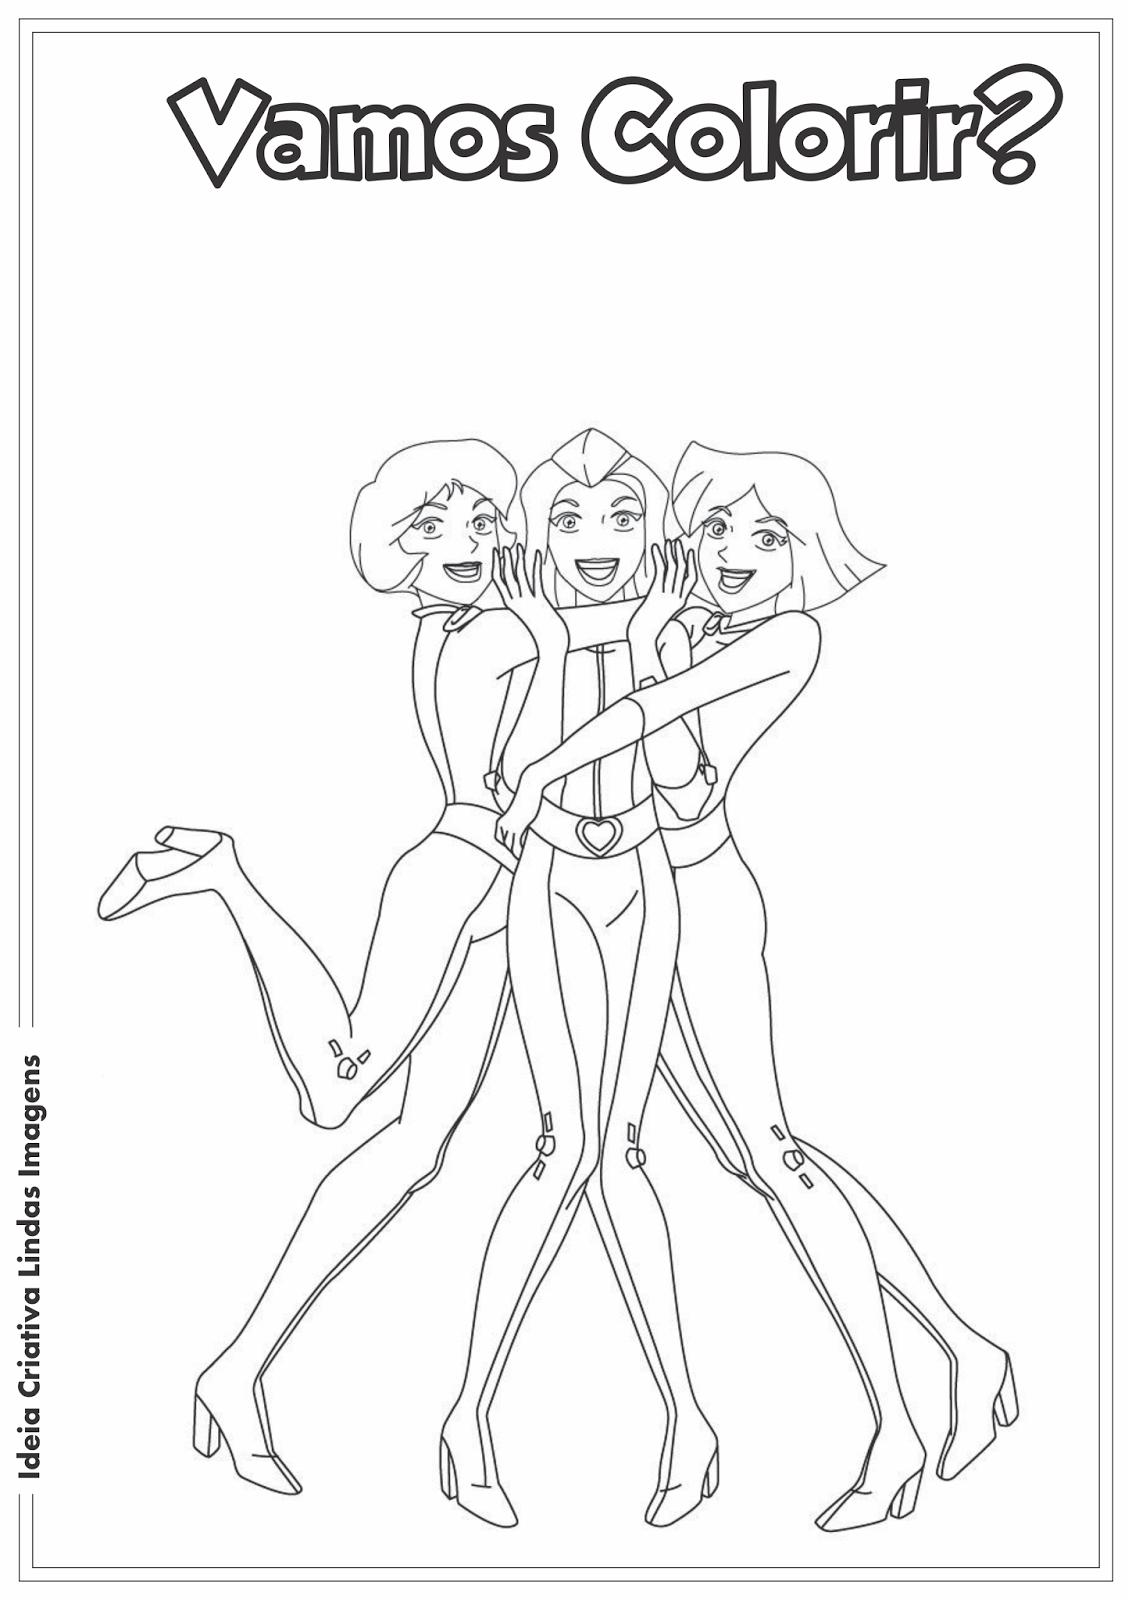 Ideia Criativa Lindas Imagens  Três Espiãs Demais Desenho Pra Colorir